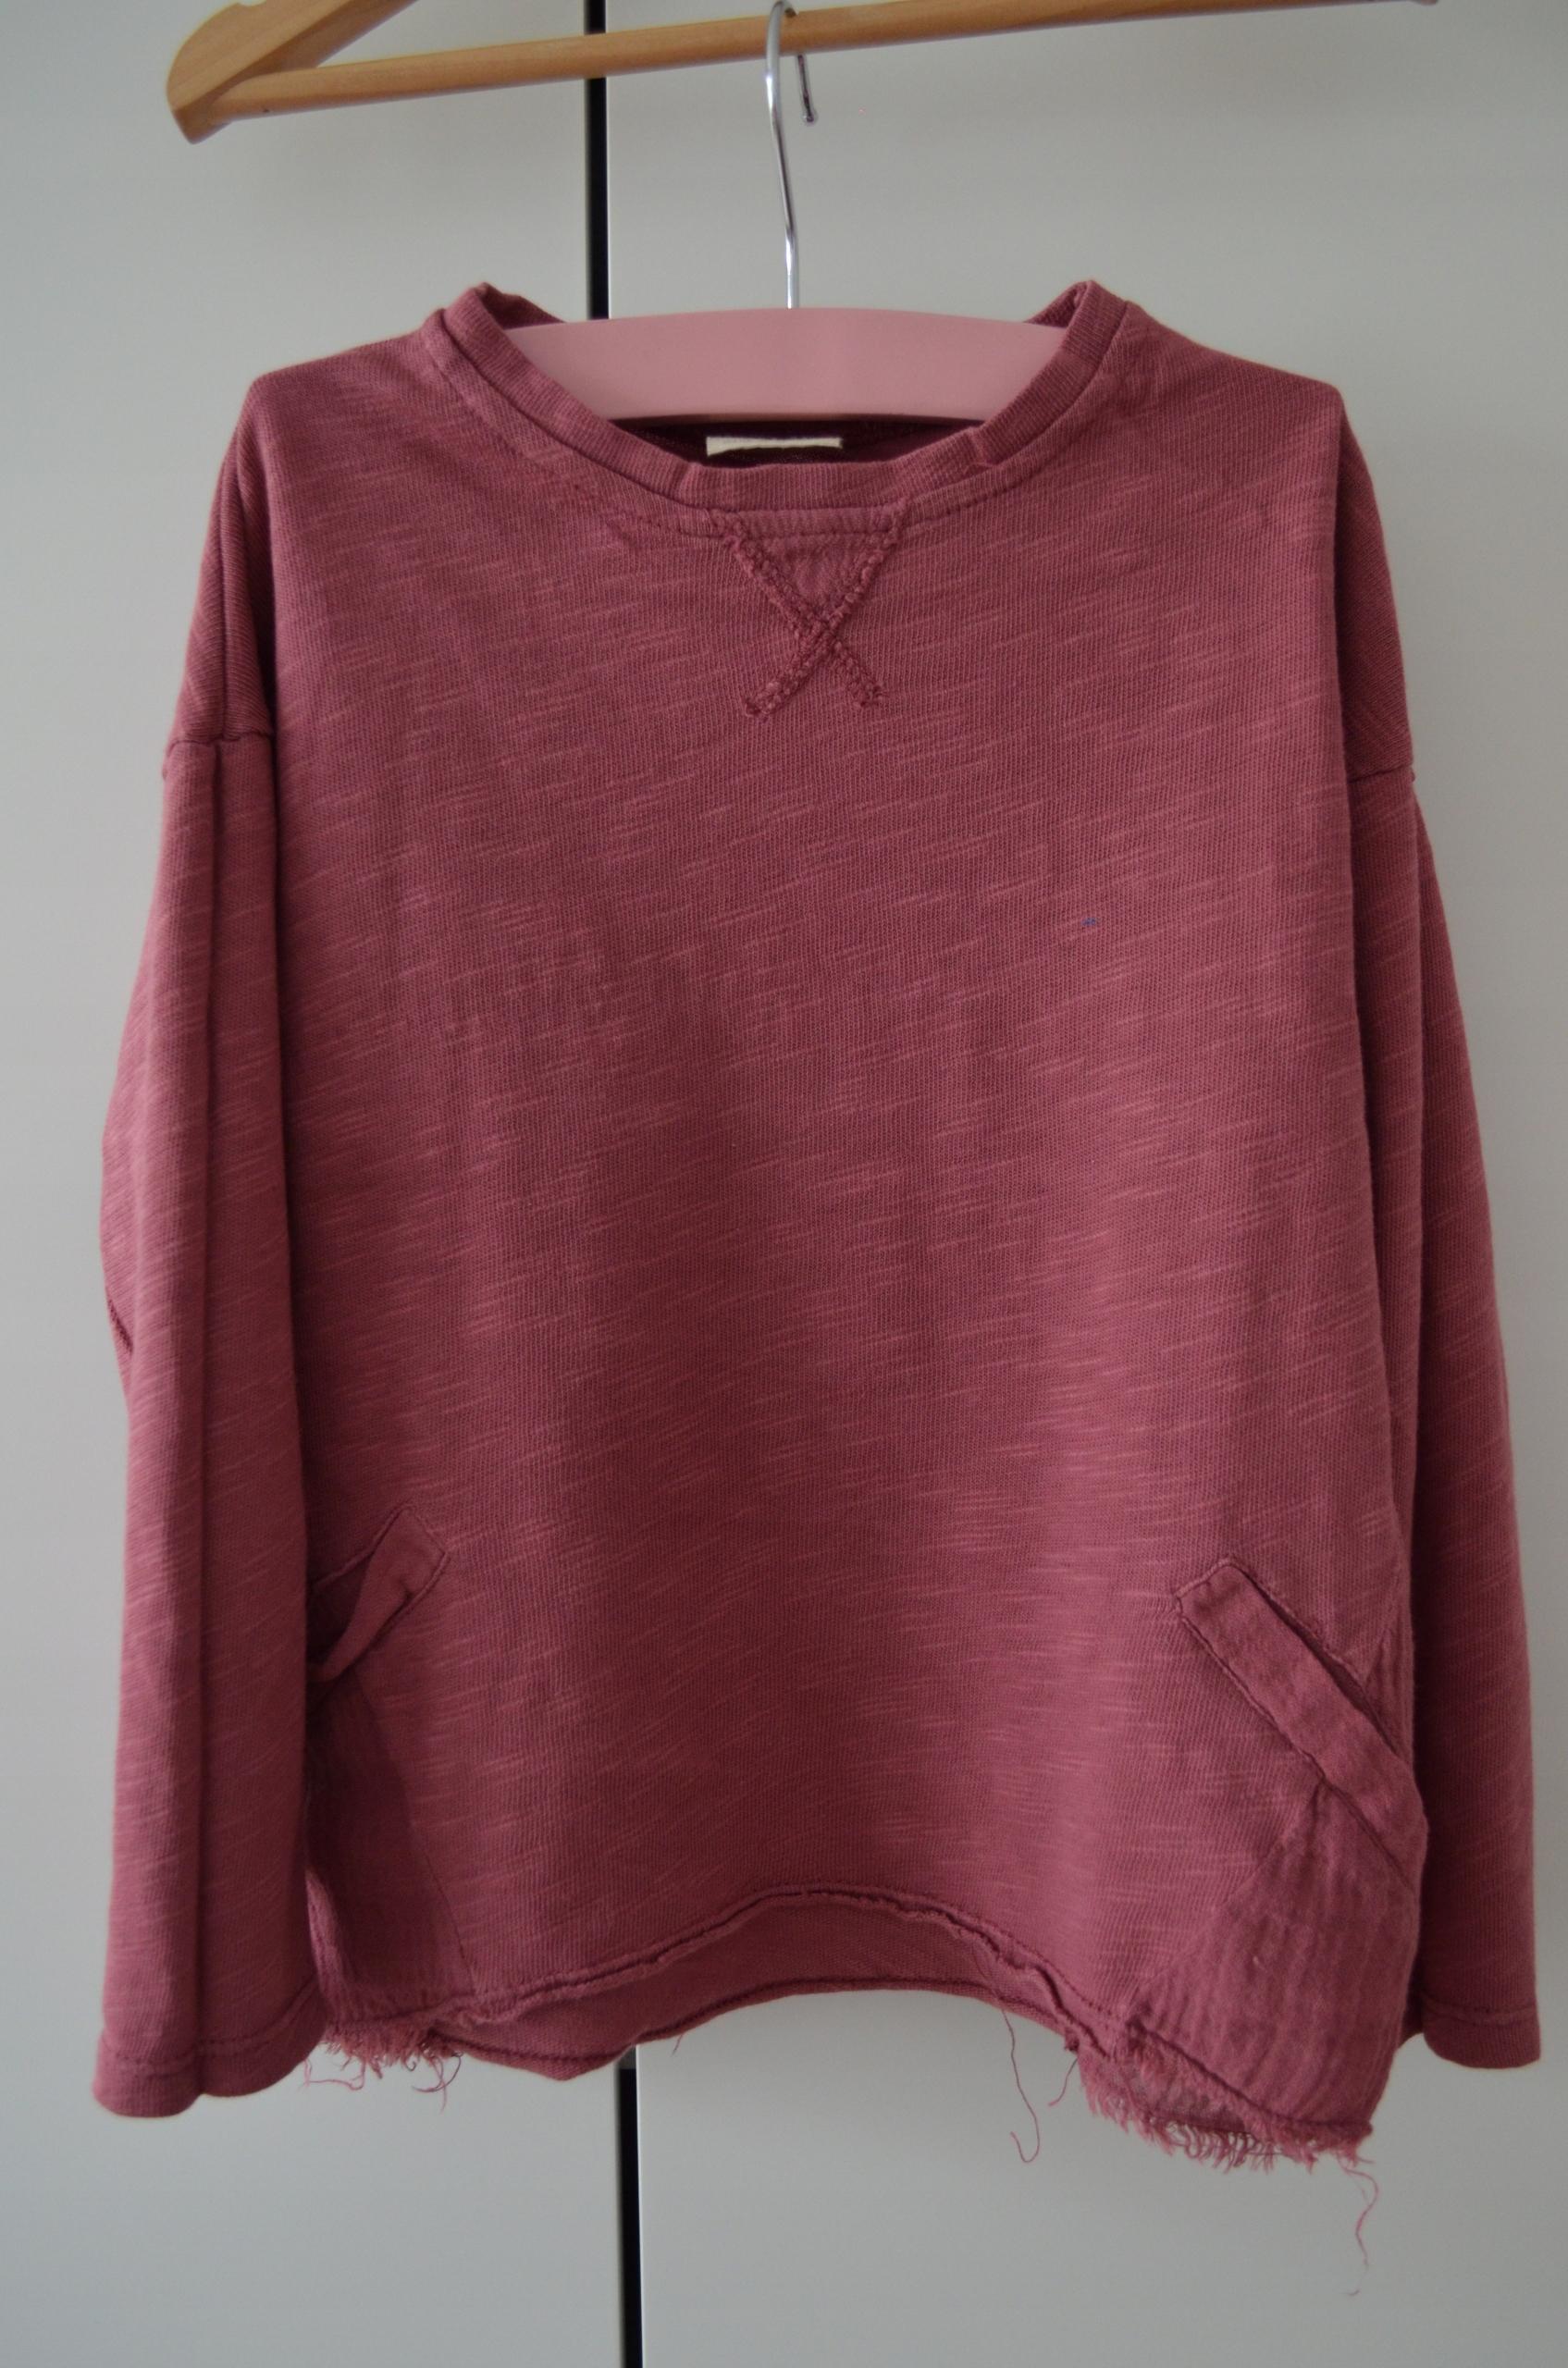 Zara Bluza z delikatnej tkaniny 104 cm Bdb